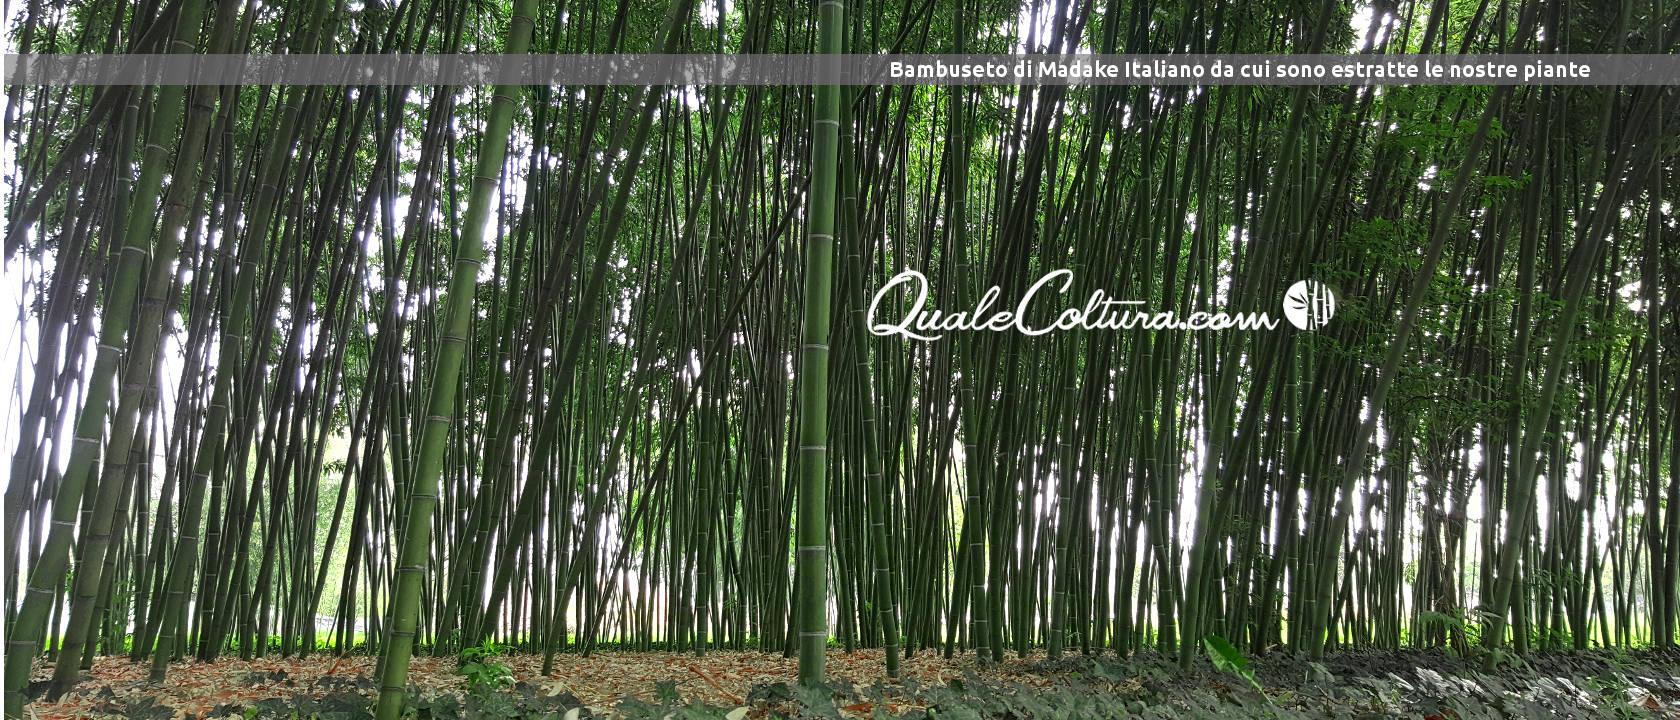 Coltivazioni redditizie quale coltura rende di pi in italia for Vendita piante bambu gigante